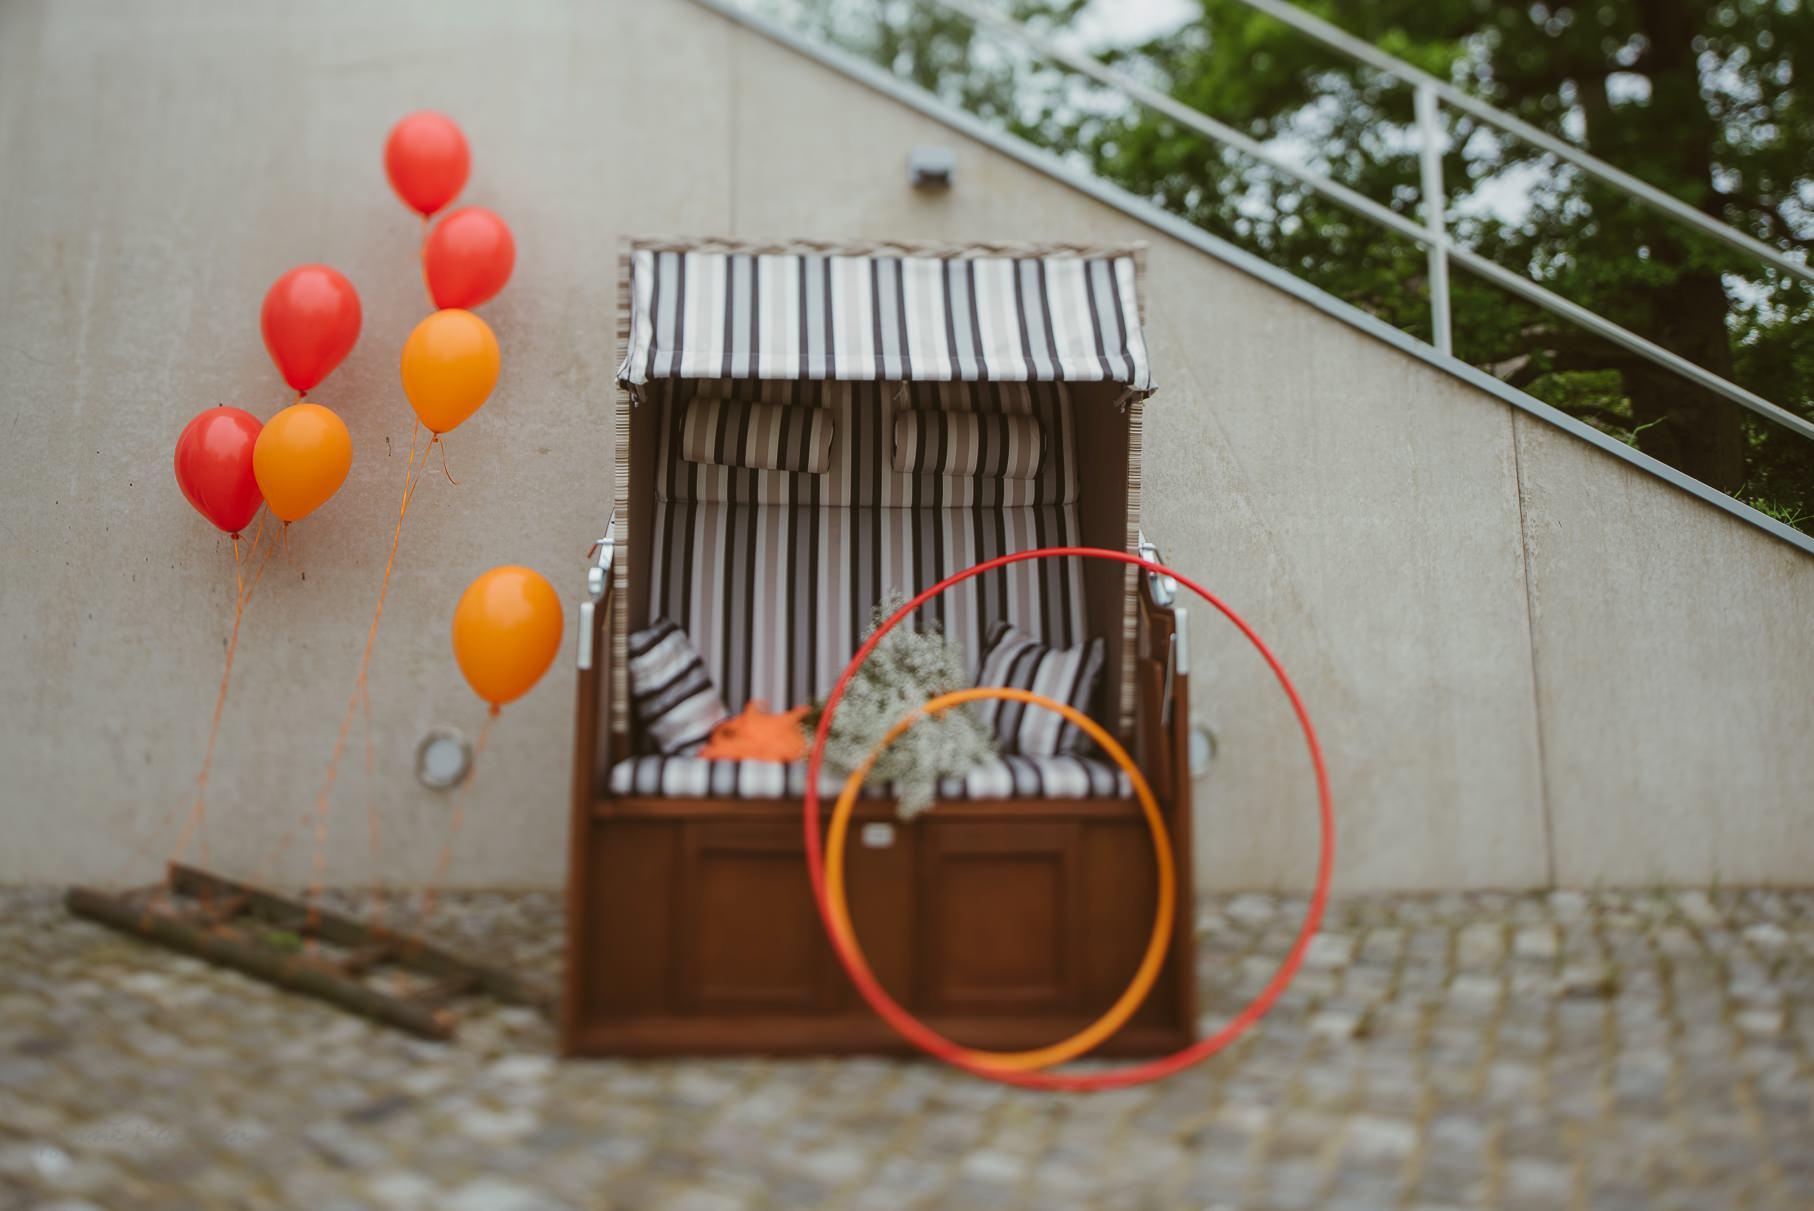 0009 anne und bjoern Manu und Sven D75 8864 1 - DIY Hochzeit im Erdhaus auf dem alten Land - Manuela & Sven